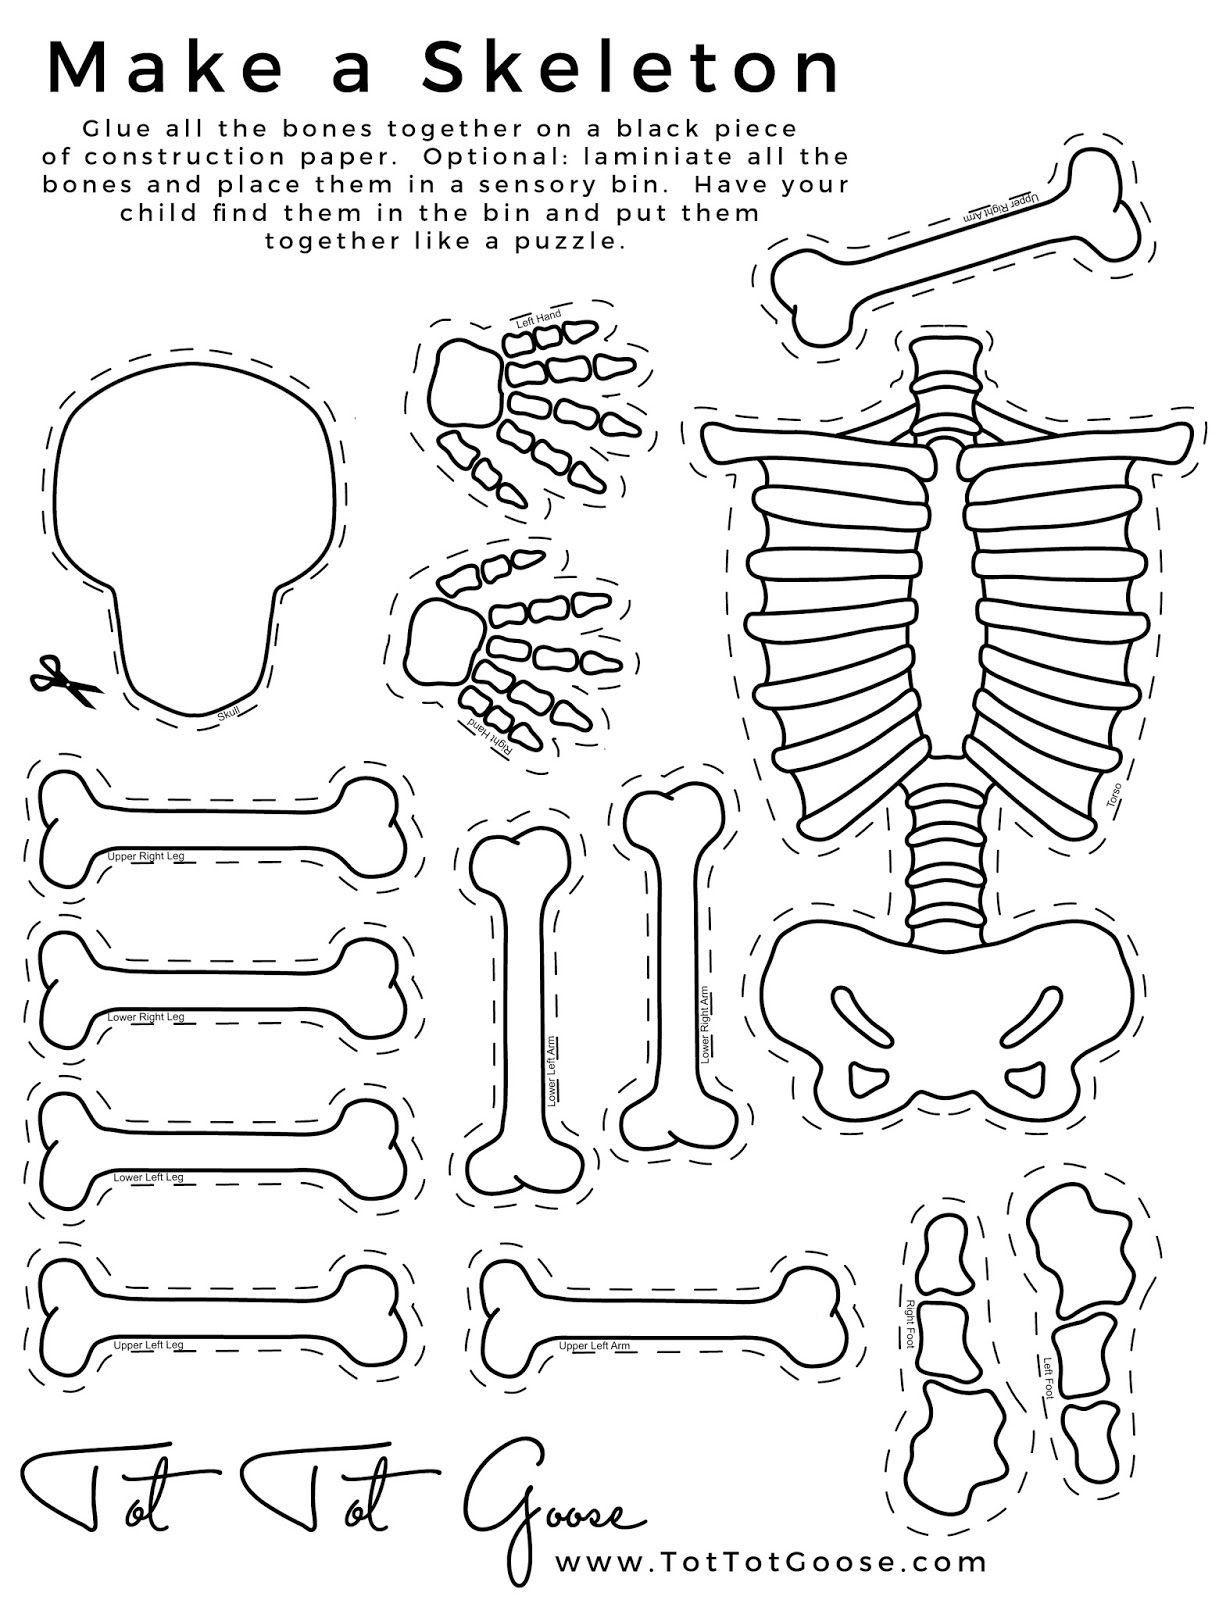 Skeleton Papercraft Skeleton Printable All About Me theme Preschool theme All About